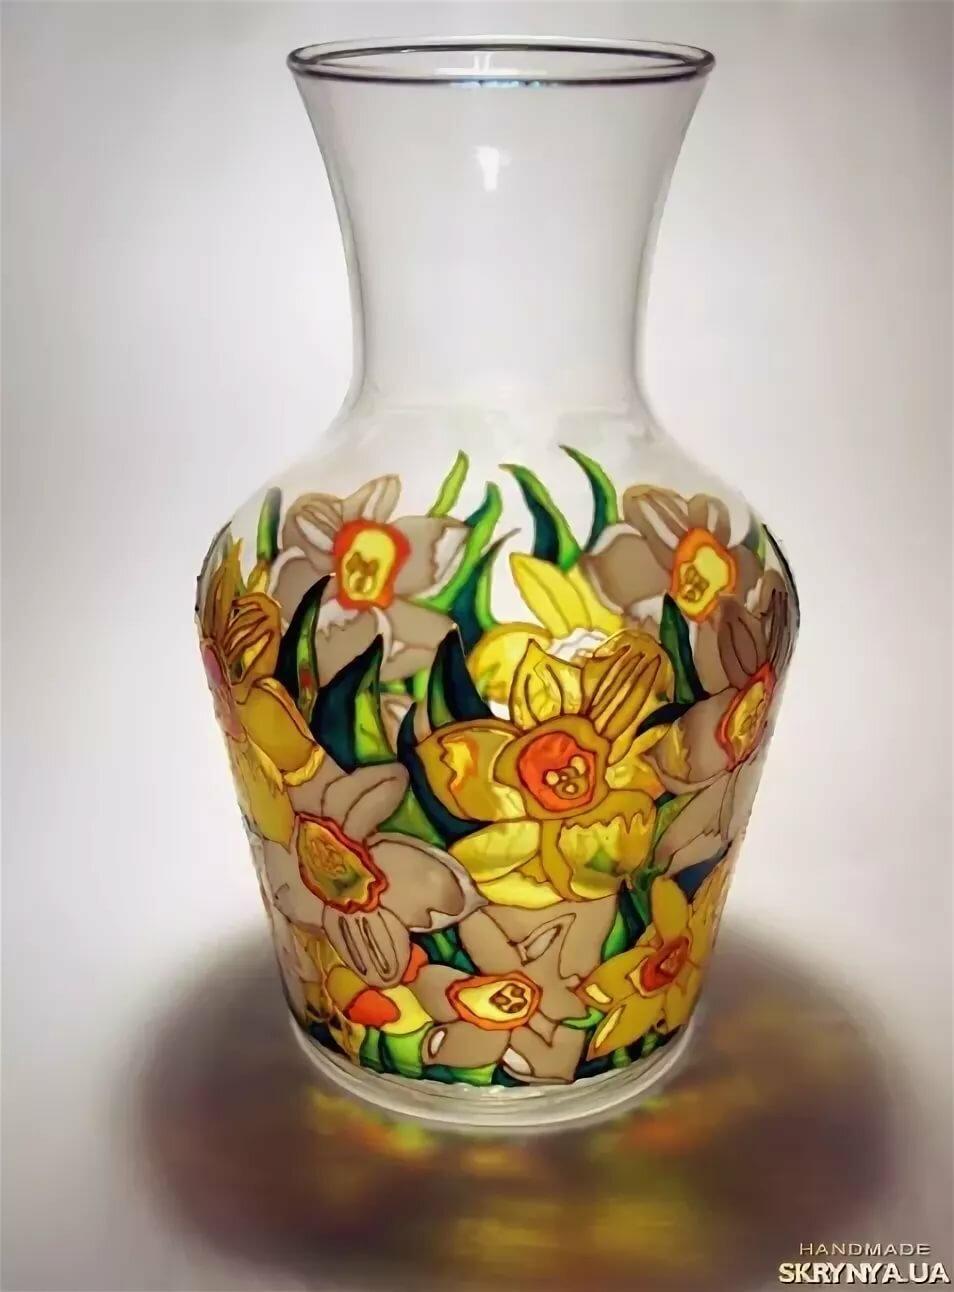 картинки по стеклу на вазочке можно достигнуть